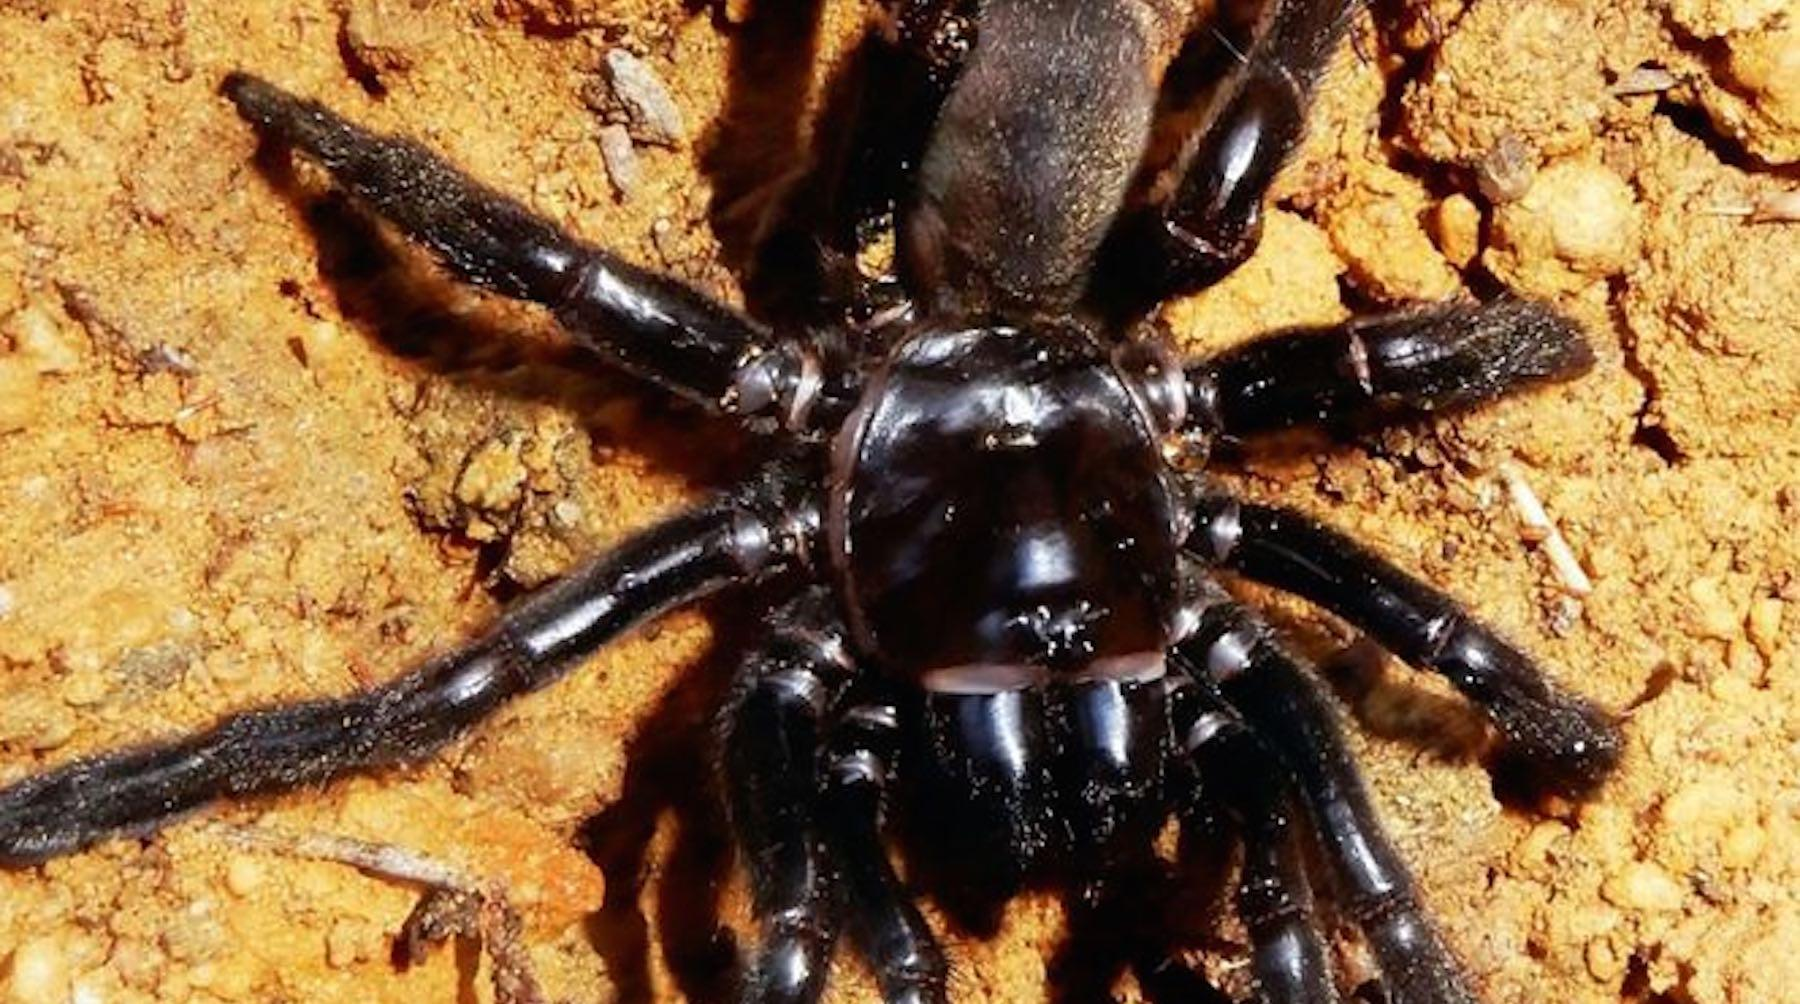 spider-1525114595153.jpg